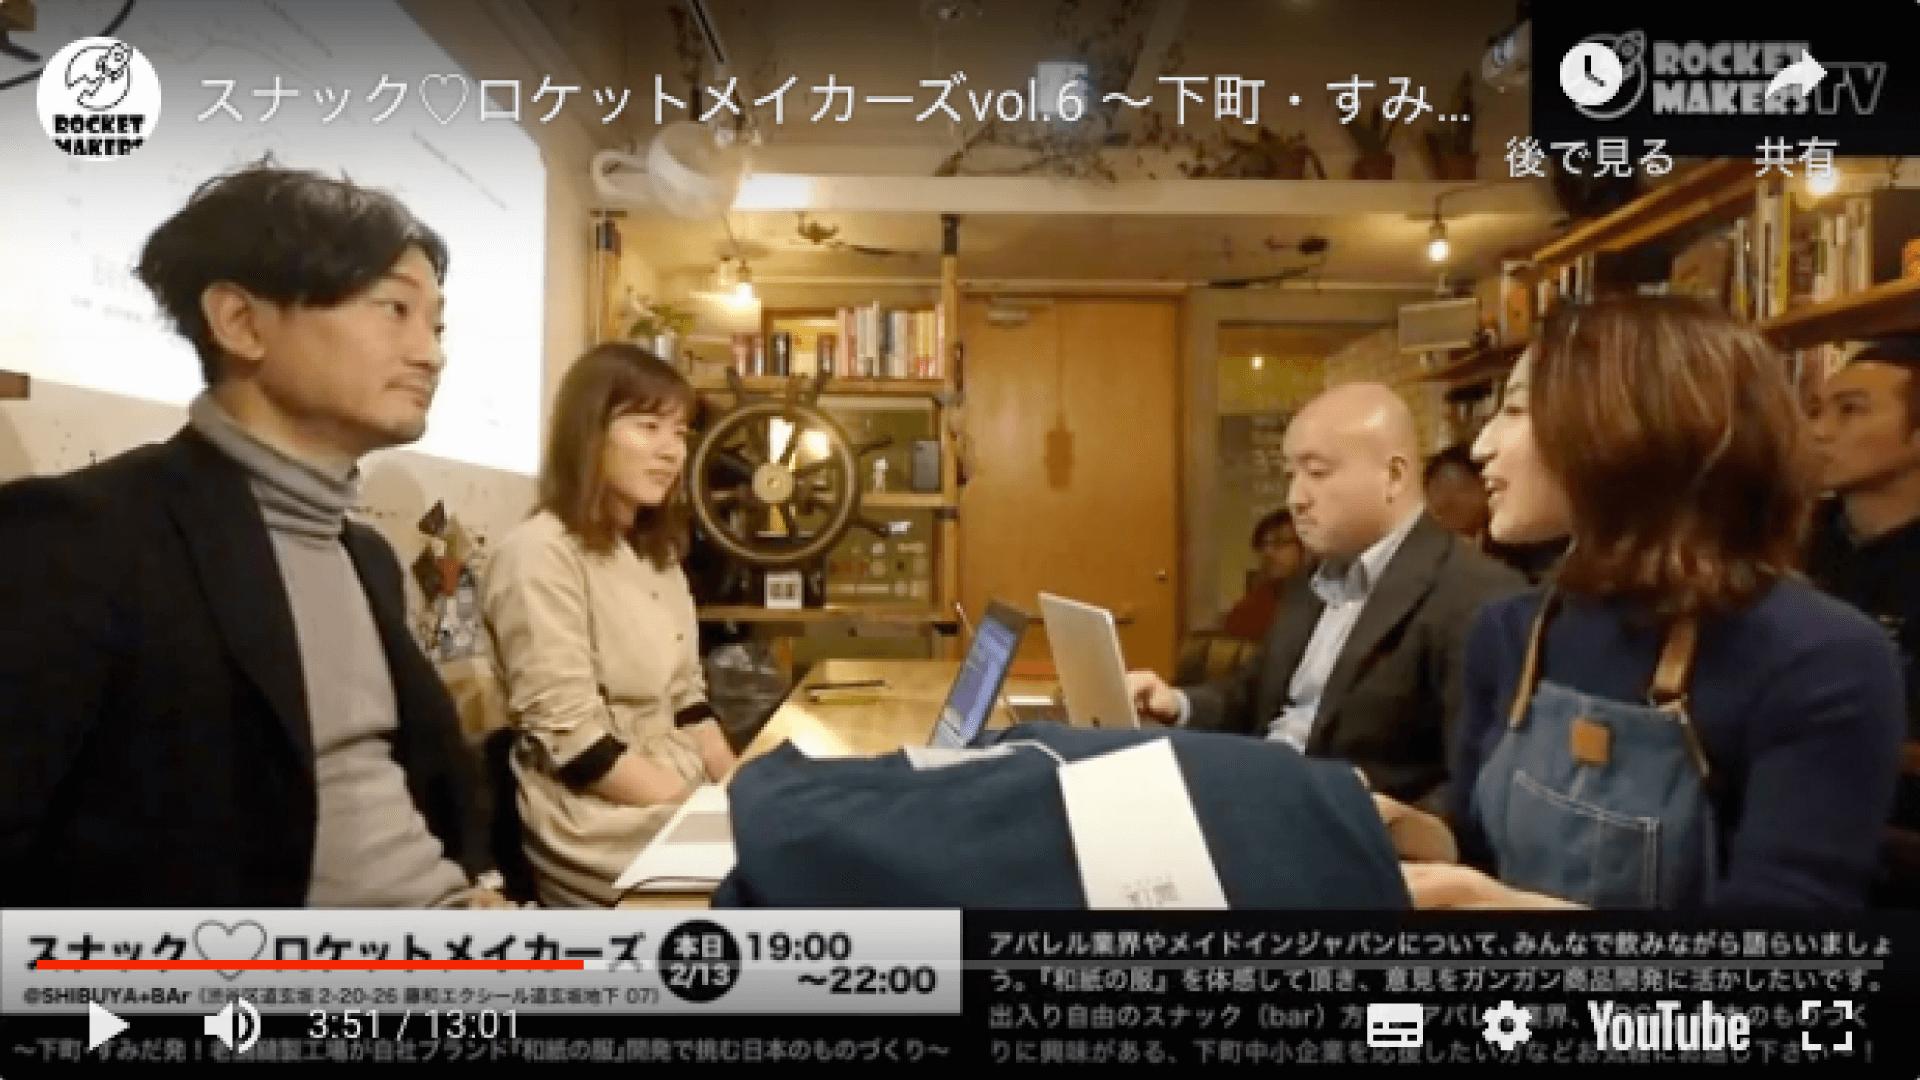 下町・すみだ発!老舗縫製工場が自社ブランド『和紙の服』開発で挑む日本のものづくり